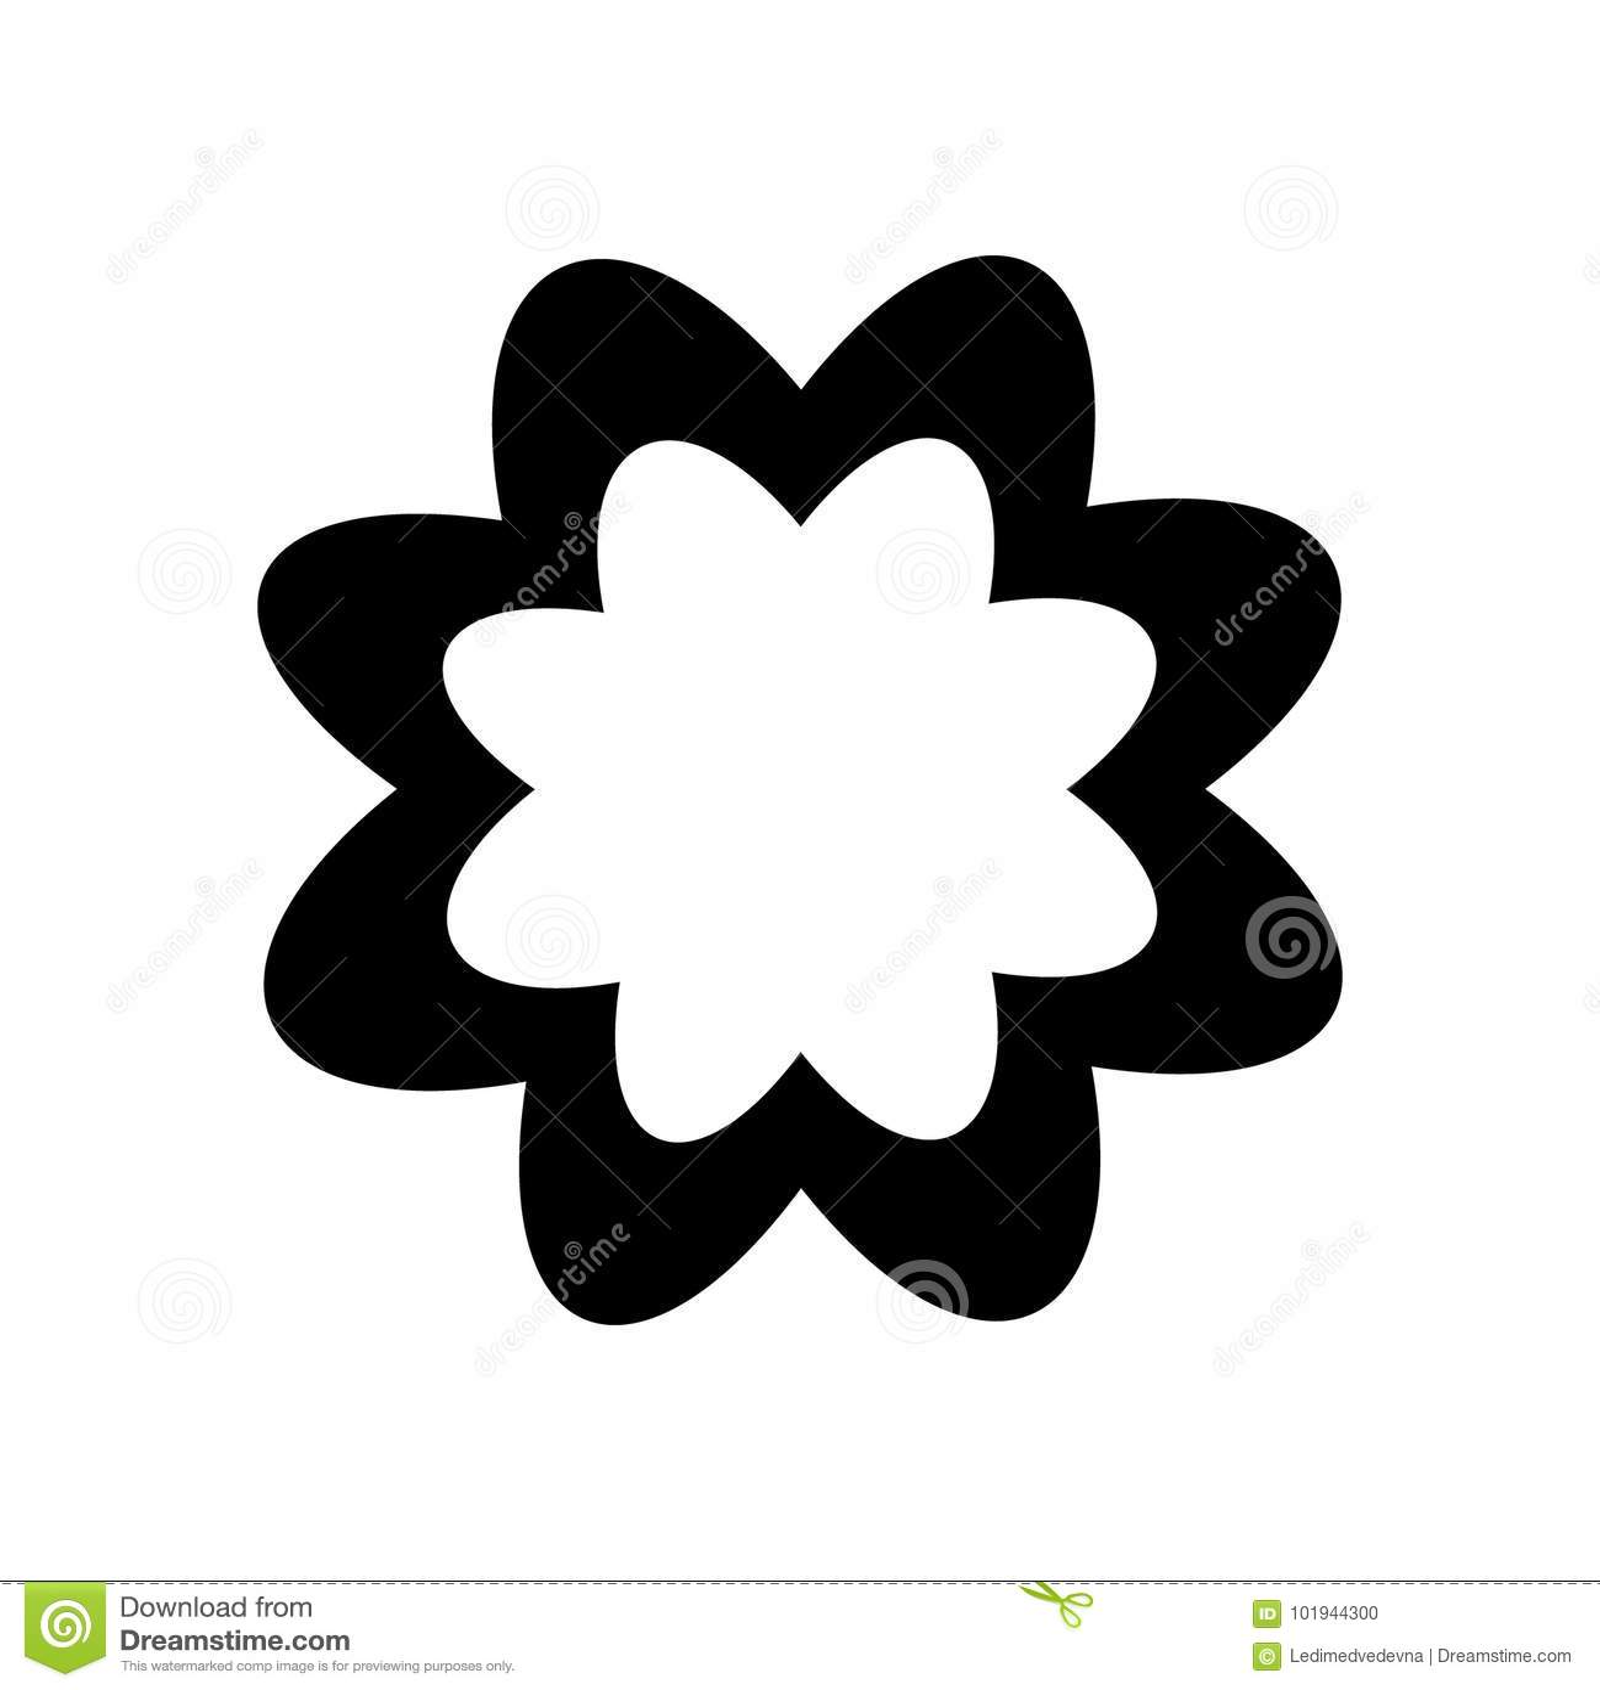 Logotipo Sob A Forma De Uma Silhueta Preta De Uma Flor Com Petalas